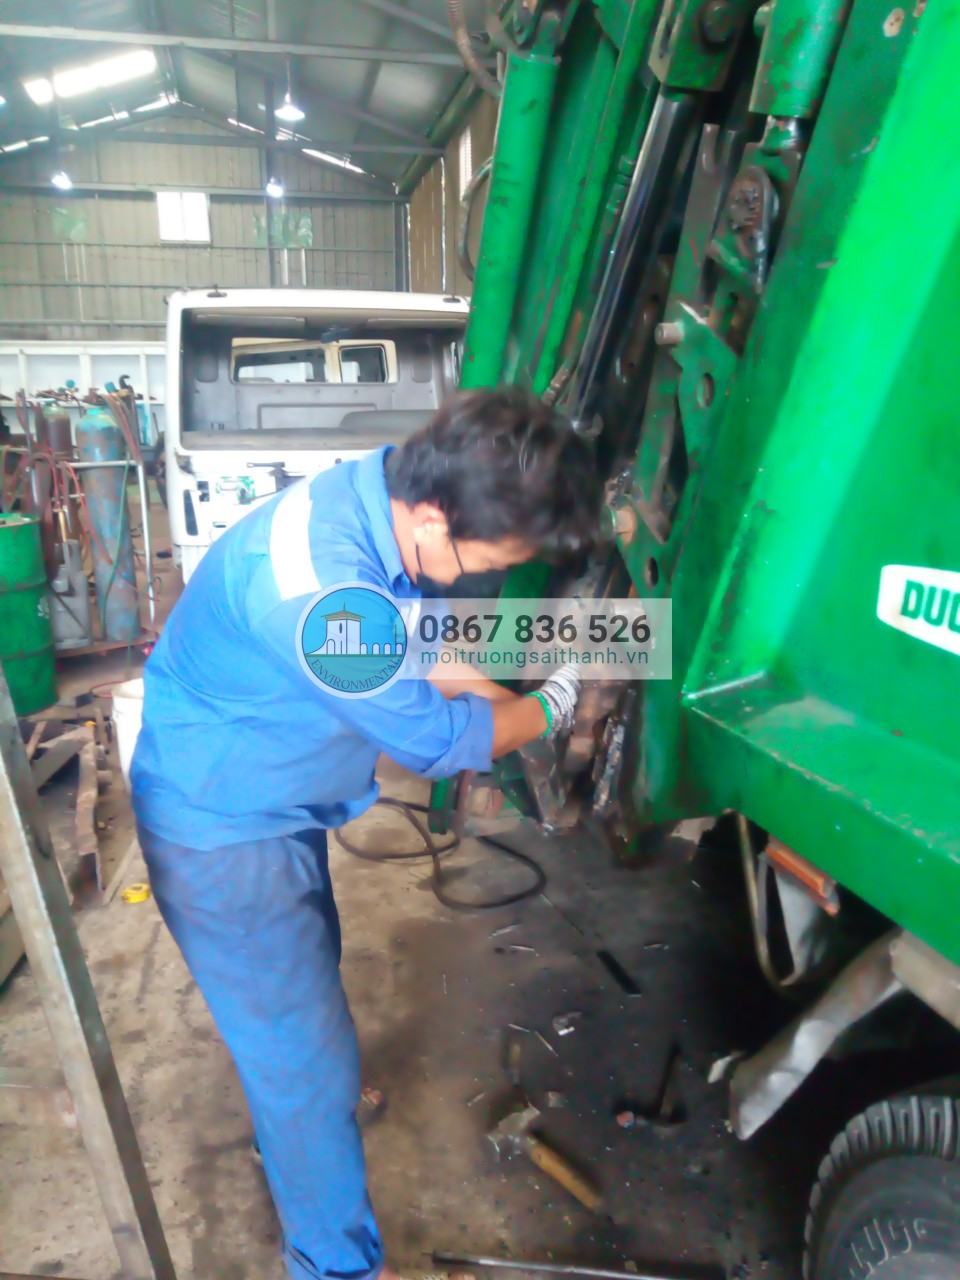 Sửa chữa xe ép rác